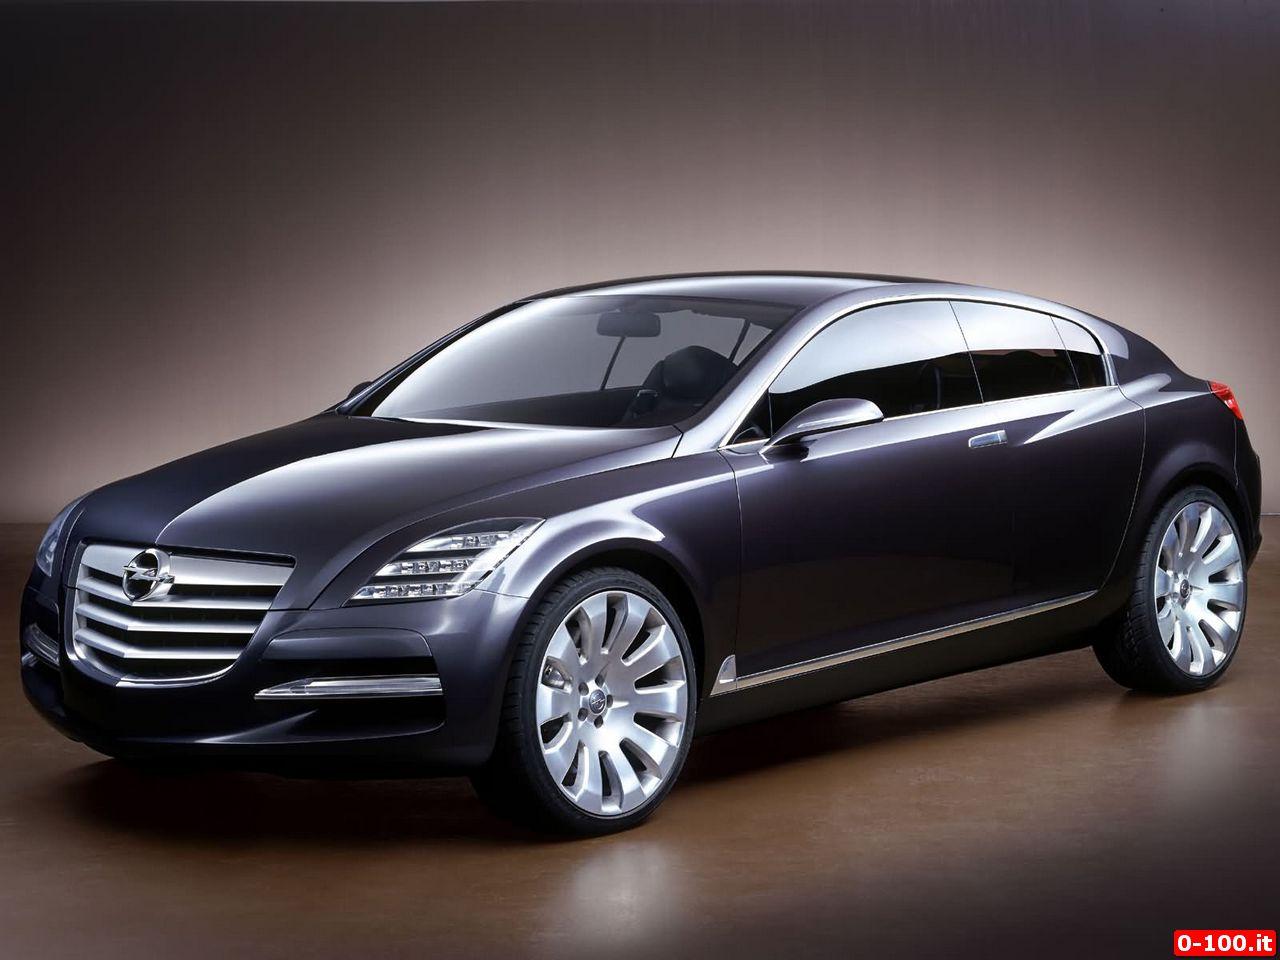 Opel_insignia-concept-0-100_1